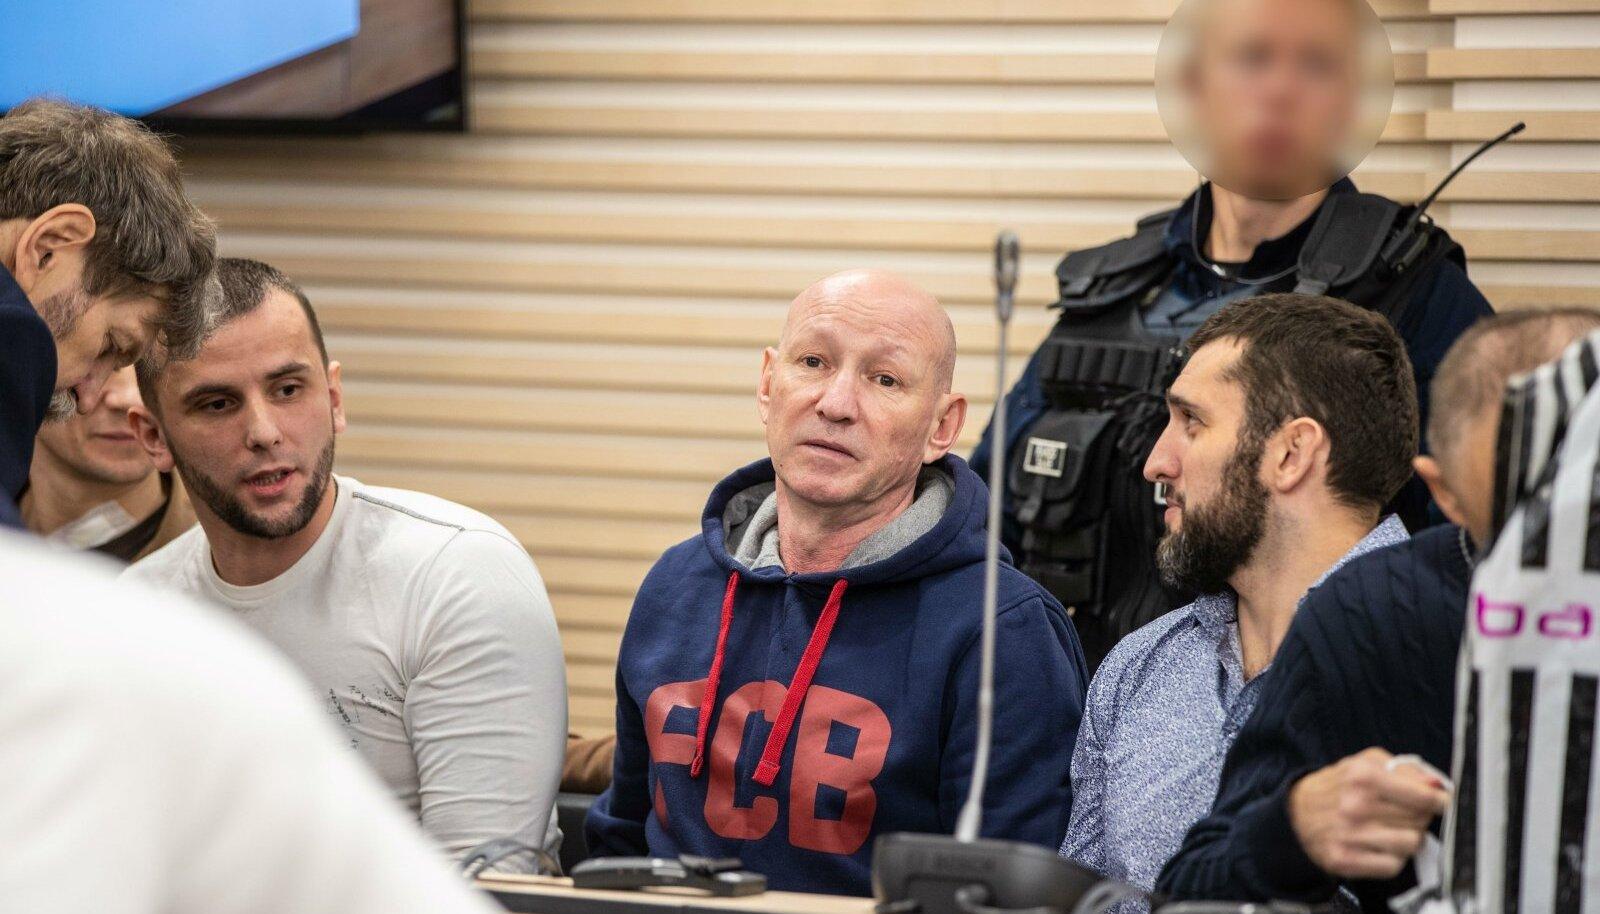 MEES TEAB, MIDA RÄÄGIB: Vjatšeslav Gulevitš ei jaganud uurijatega infot talle toimunud kallaletungist. Ta vaidleb vastu ka riigiprokuratuuri süüdistusele, et tema ongi Kemerovo kuritegeliku ühenduse liider.